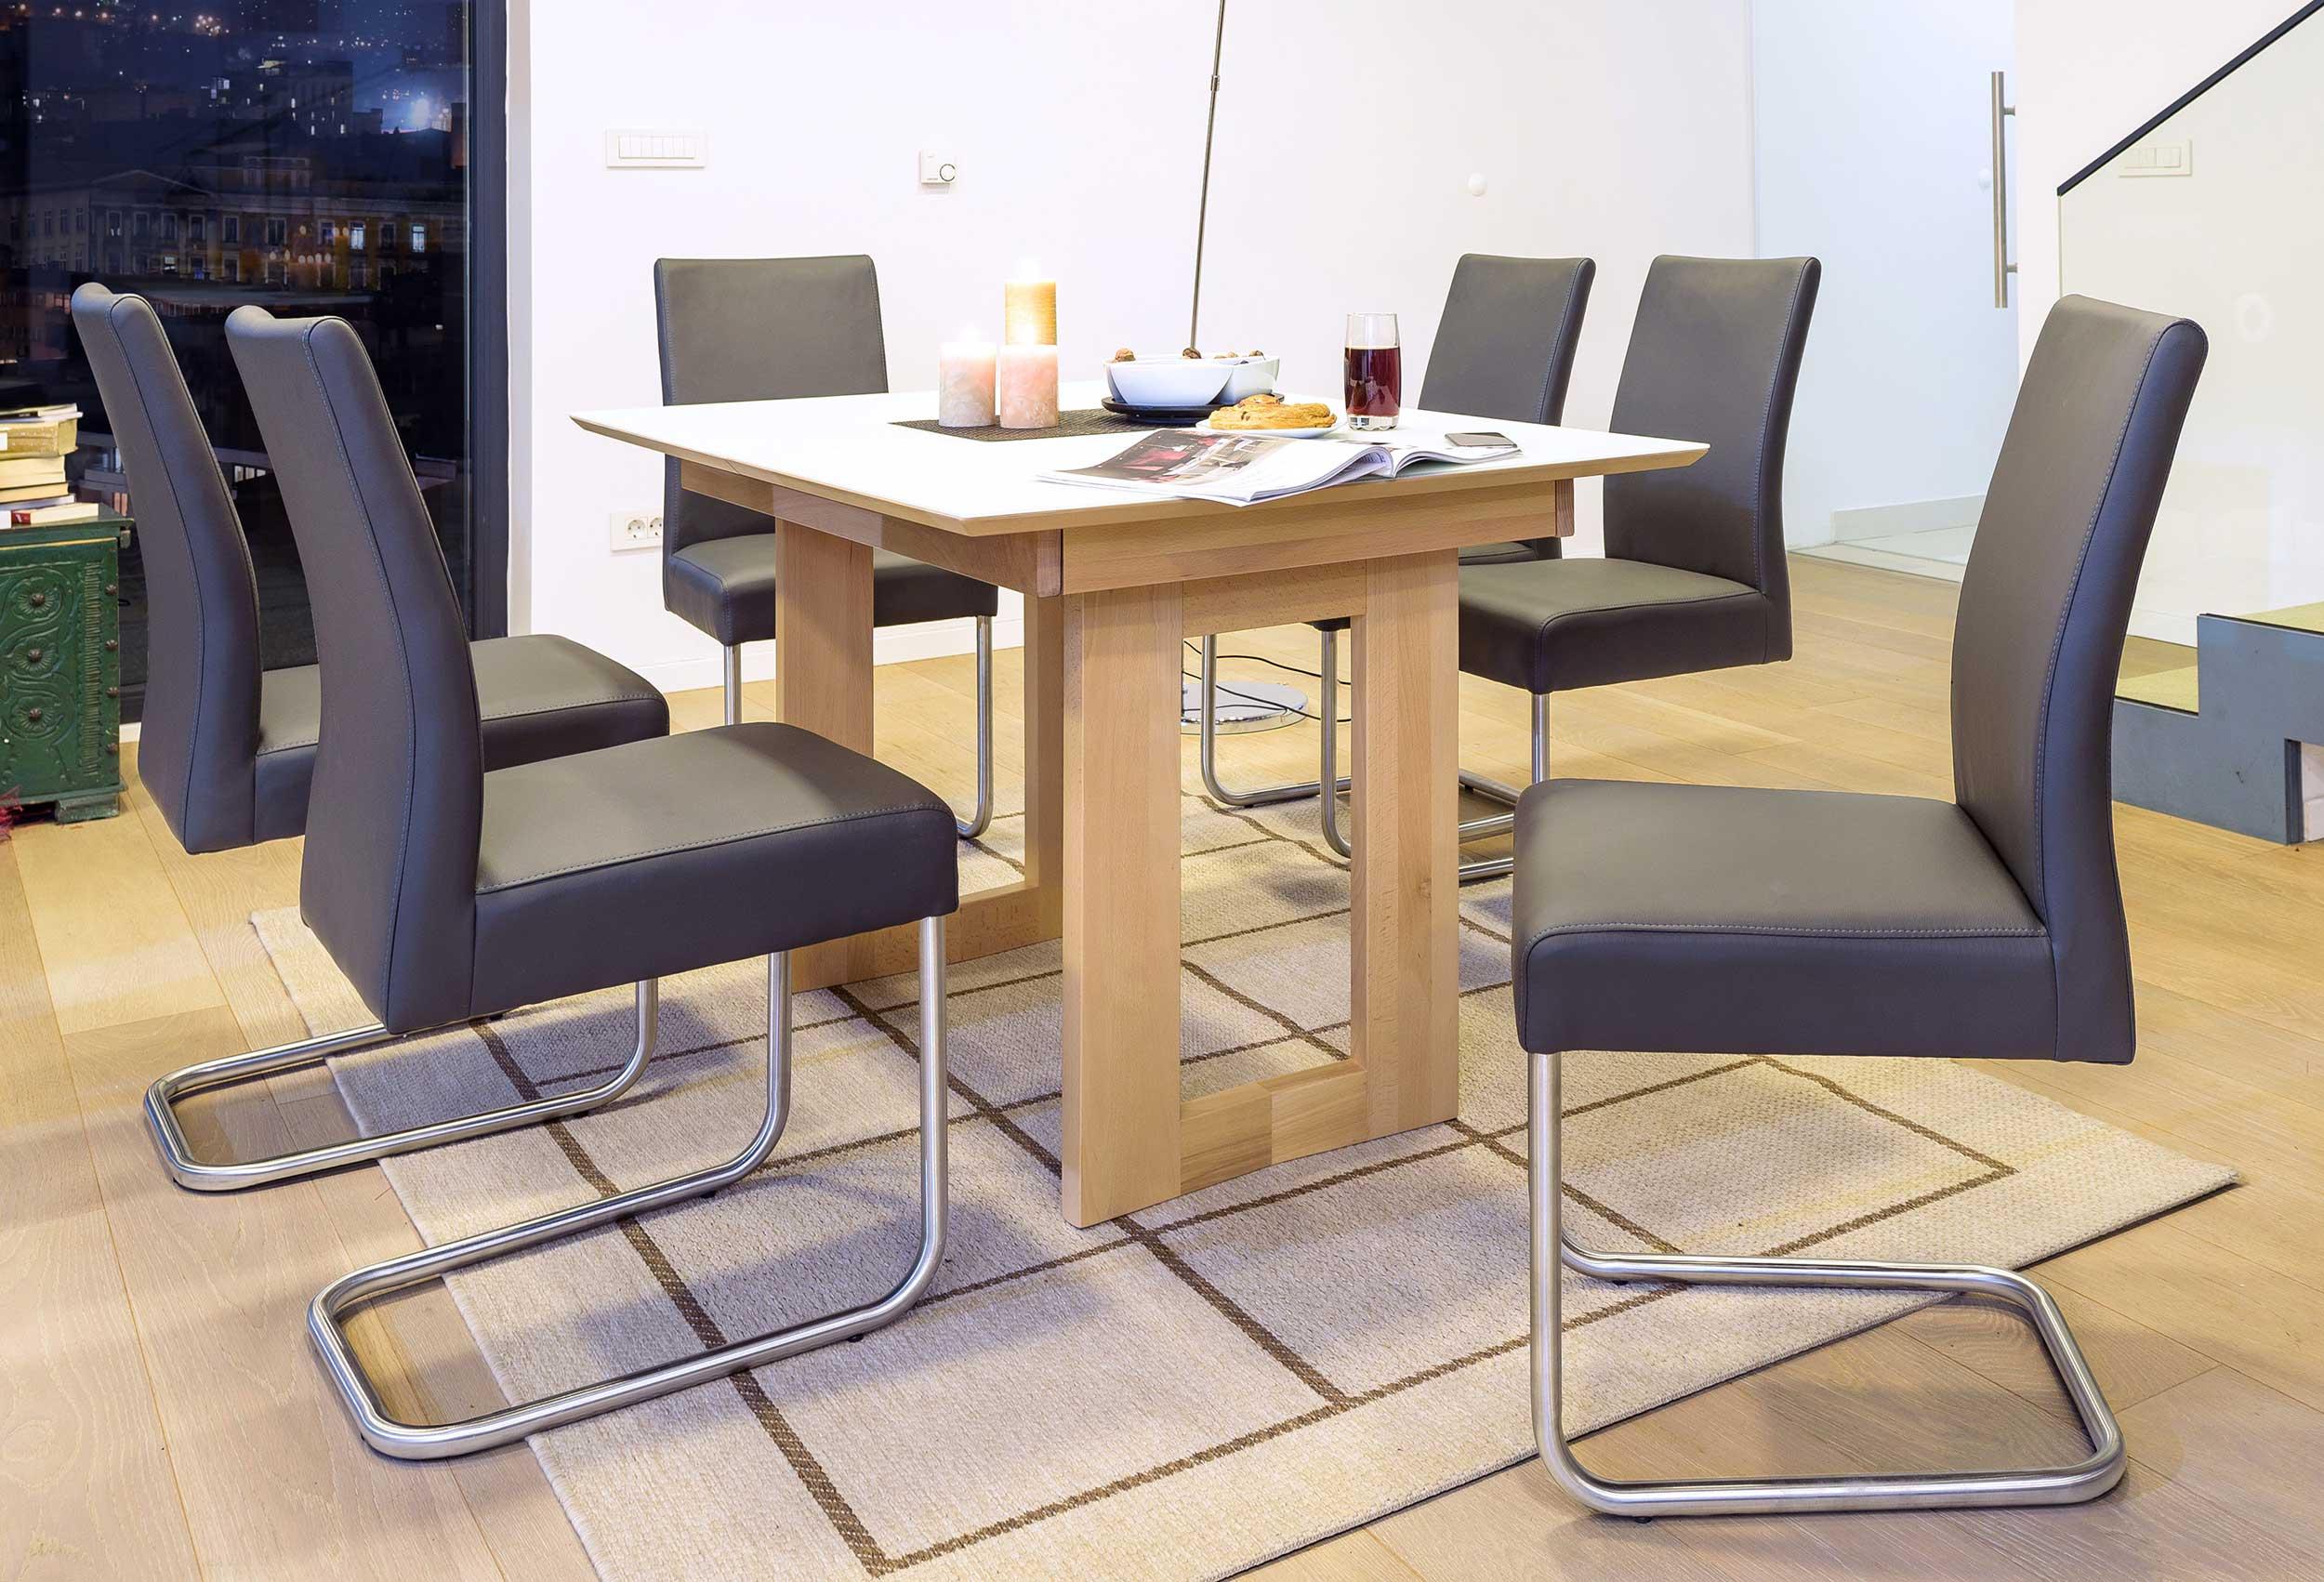 Standard Furniture Komforto Massivholz Esstisch kernbuche mit Glasplatte